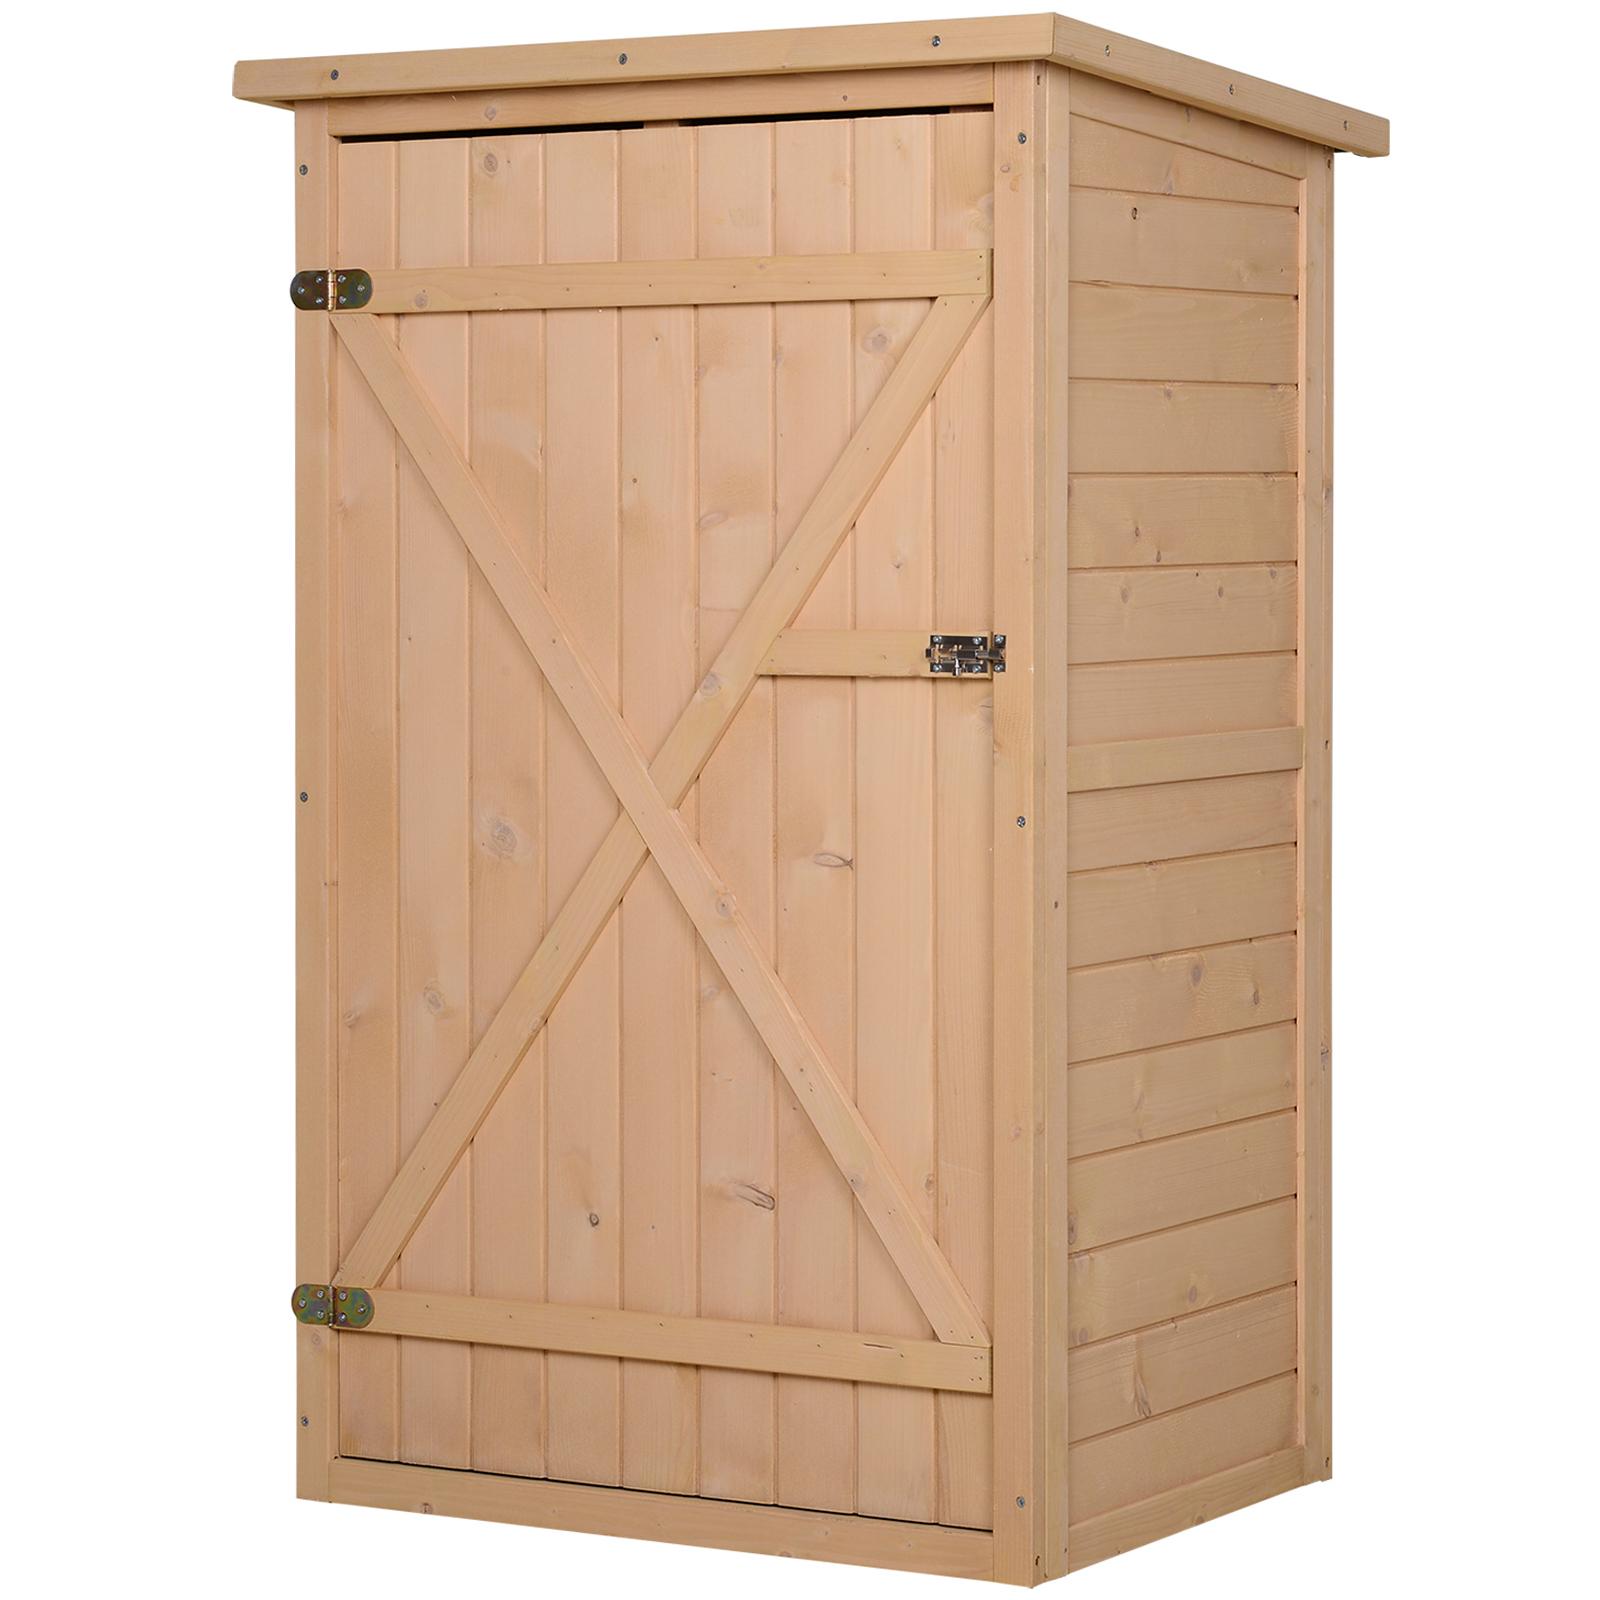 Armoire de jardin porte verrouillable 2 étagères bois sapin